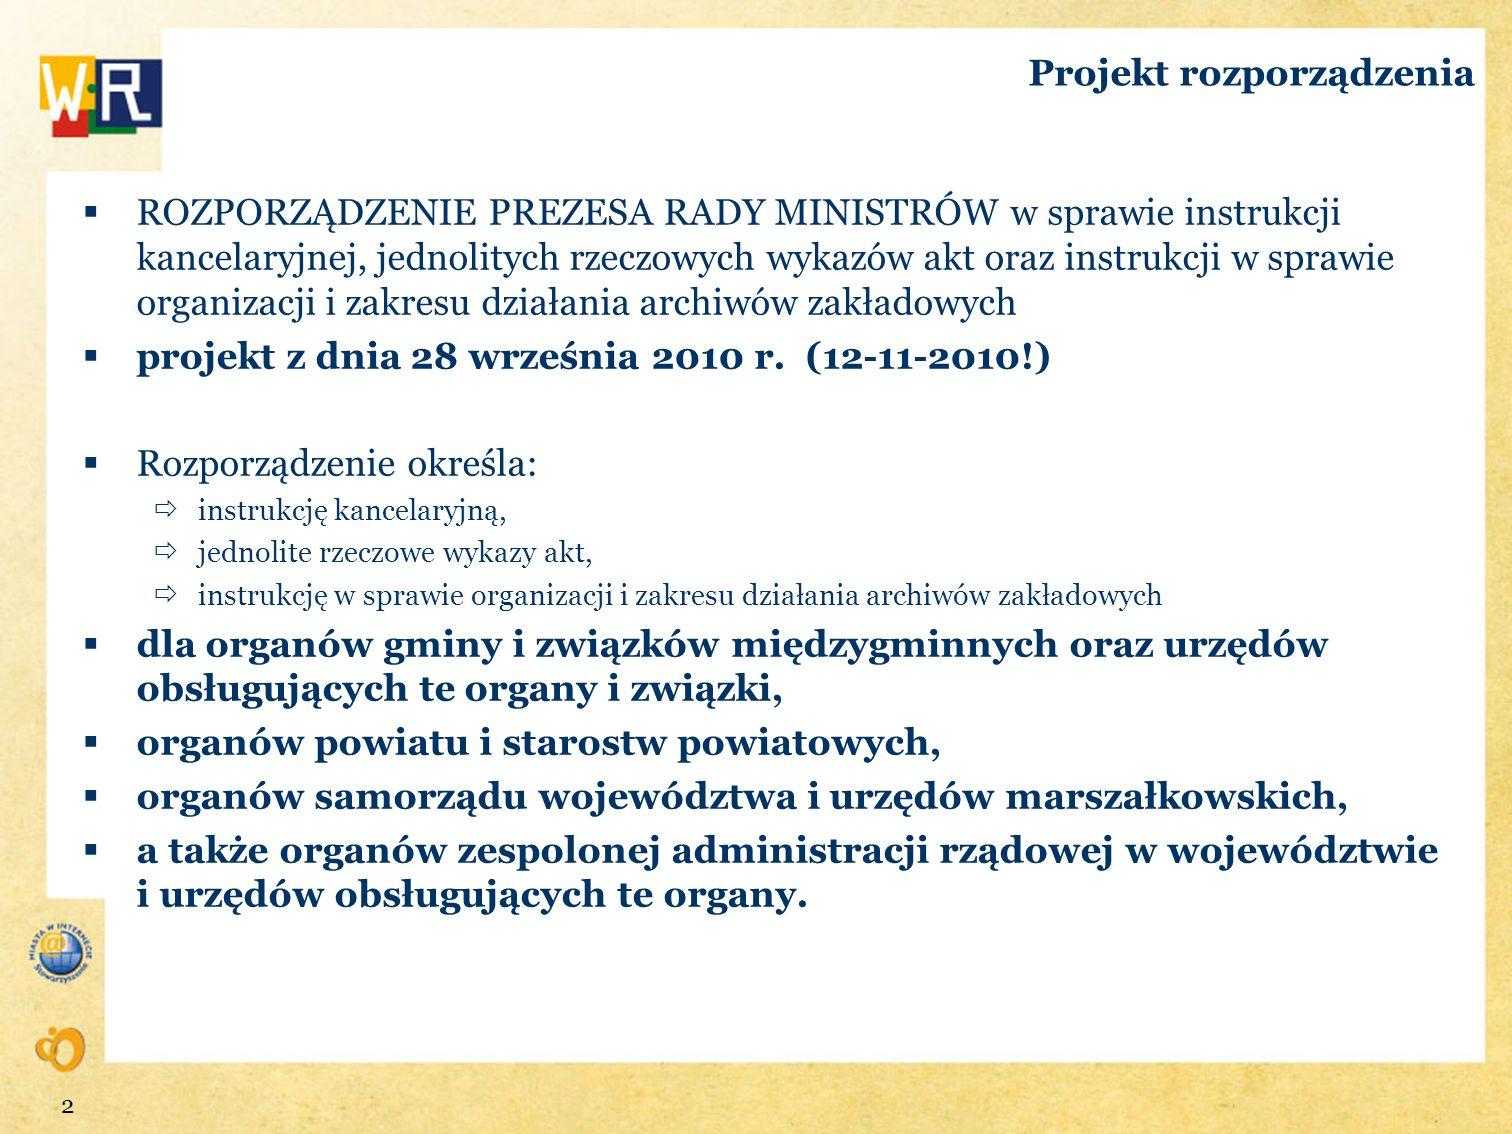 2 Projekt rozporządzenia ROZPORZĄDZENIE PREZESA RADY MINISTRÓW w sprawie instrukcji kancelaryjnej, jednolitych rzeczowych wykazów akt oraz instrukcji